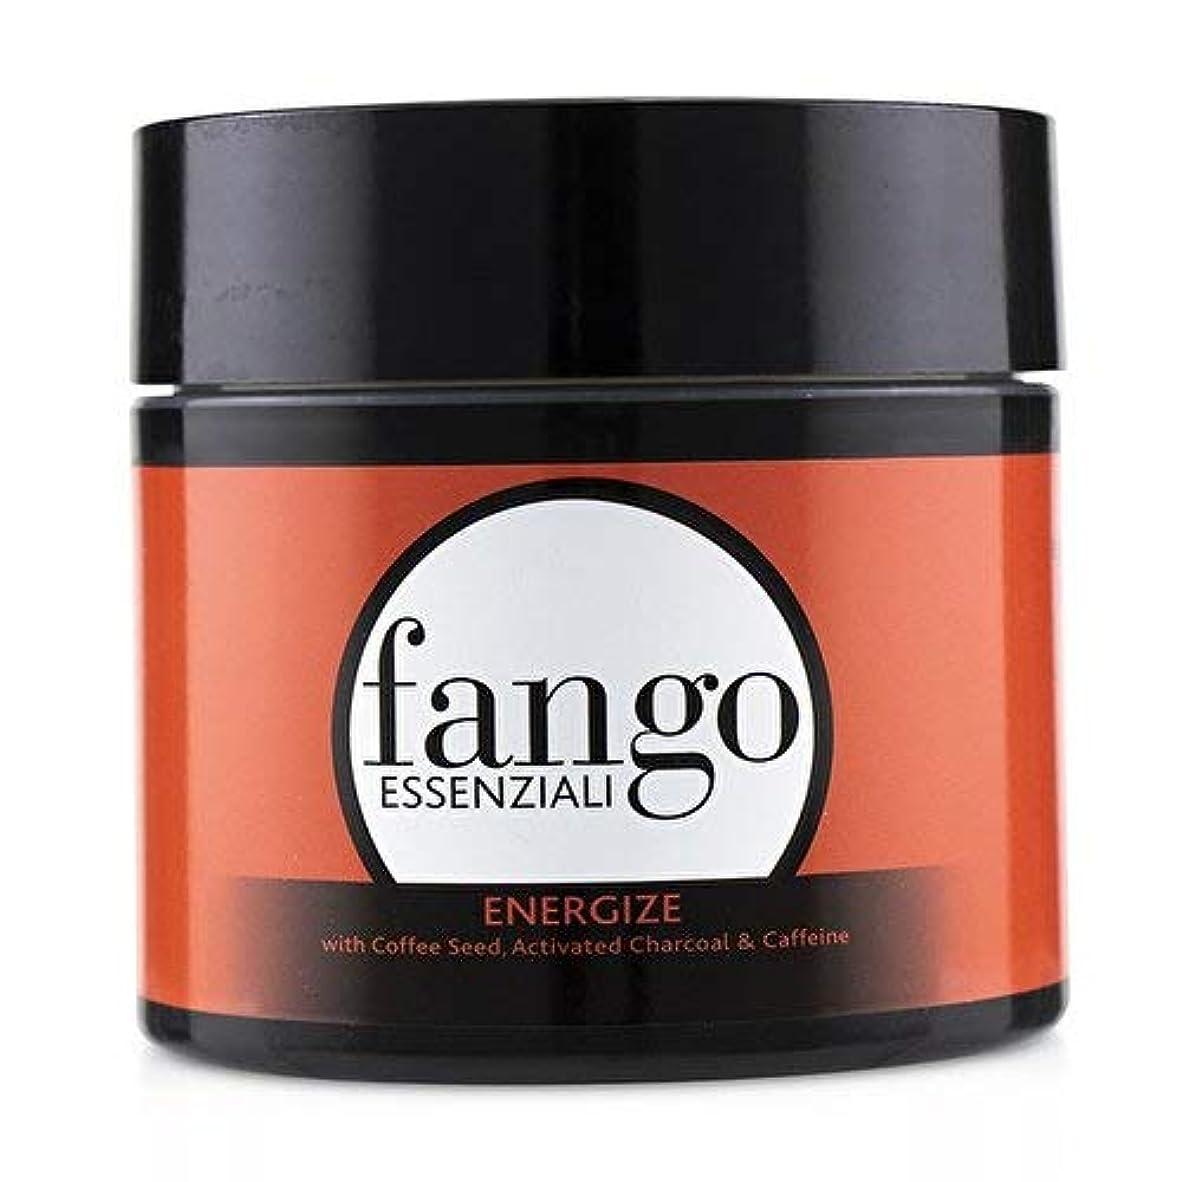 印象電球レバーボルゲーゼ Fango Essenziali Energize Mud Mask with Coffee Seed, Activated Charcoal & Caffeine 198g/7oz並行輸入品